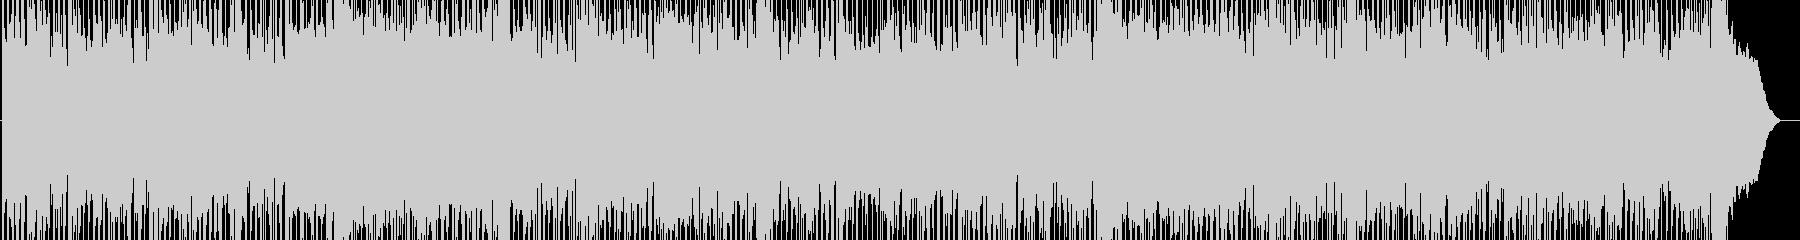 パワフルな疾走感のギターロック 激しいの未再生の波形